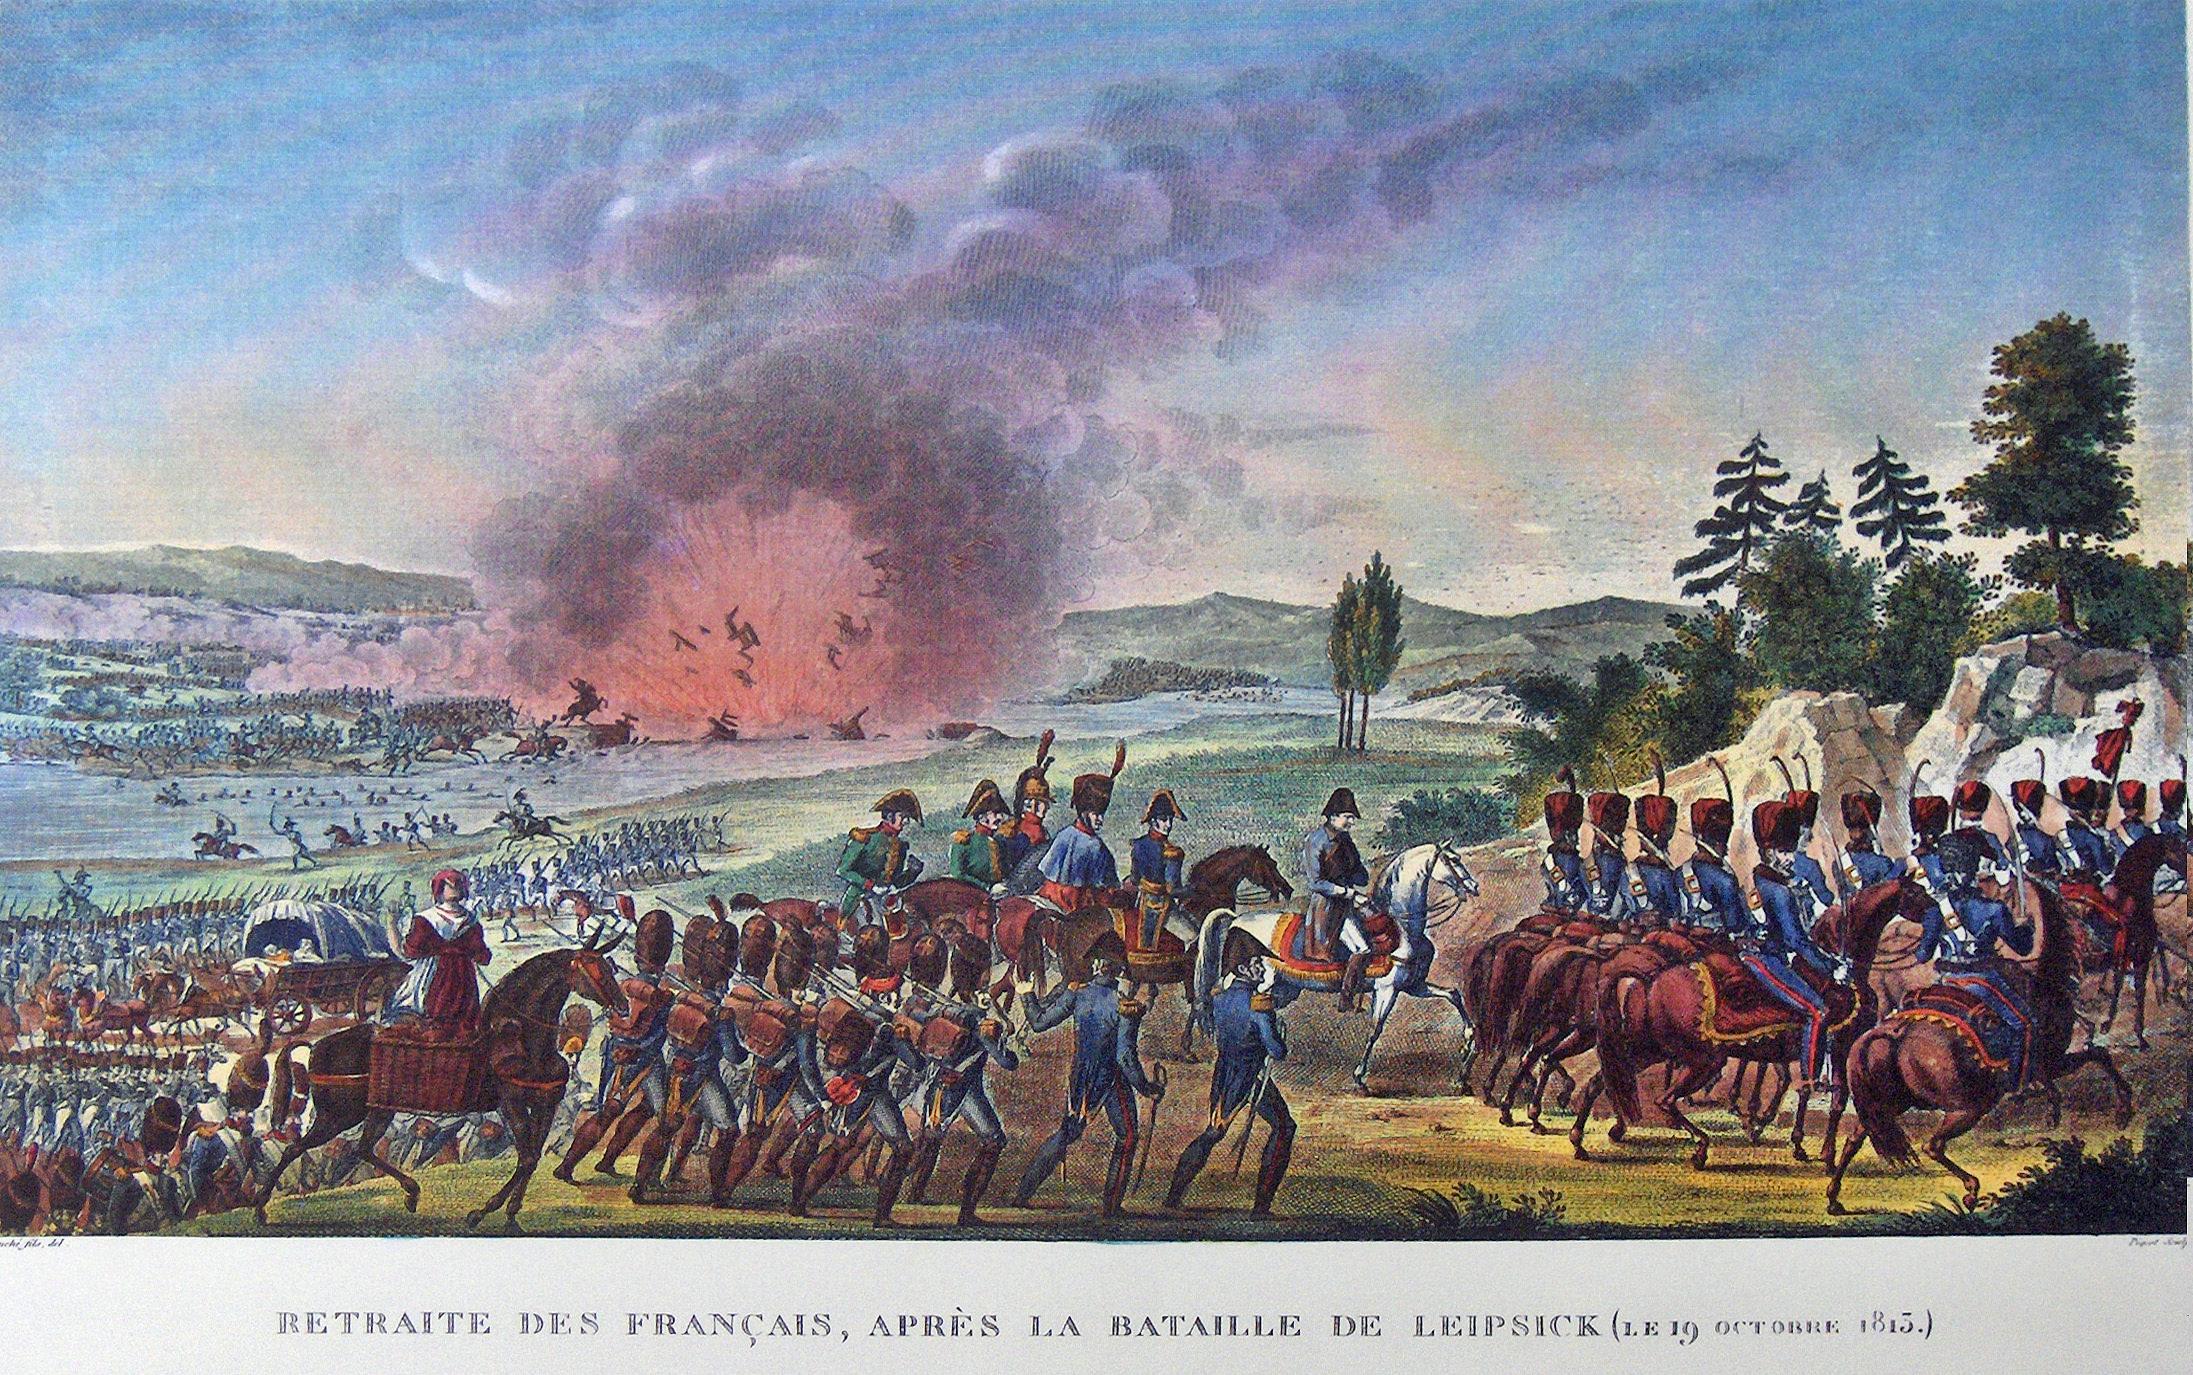 Terugtrekking der fransen na de slag bij Leipzig 19 oktober 1813